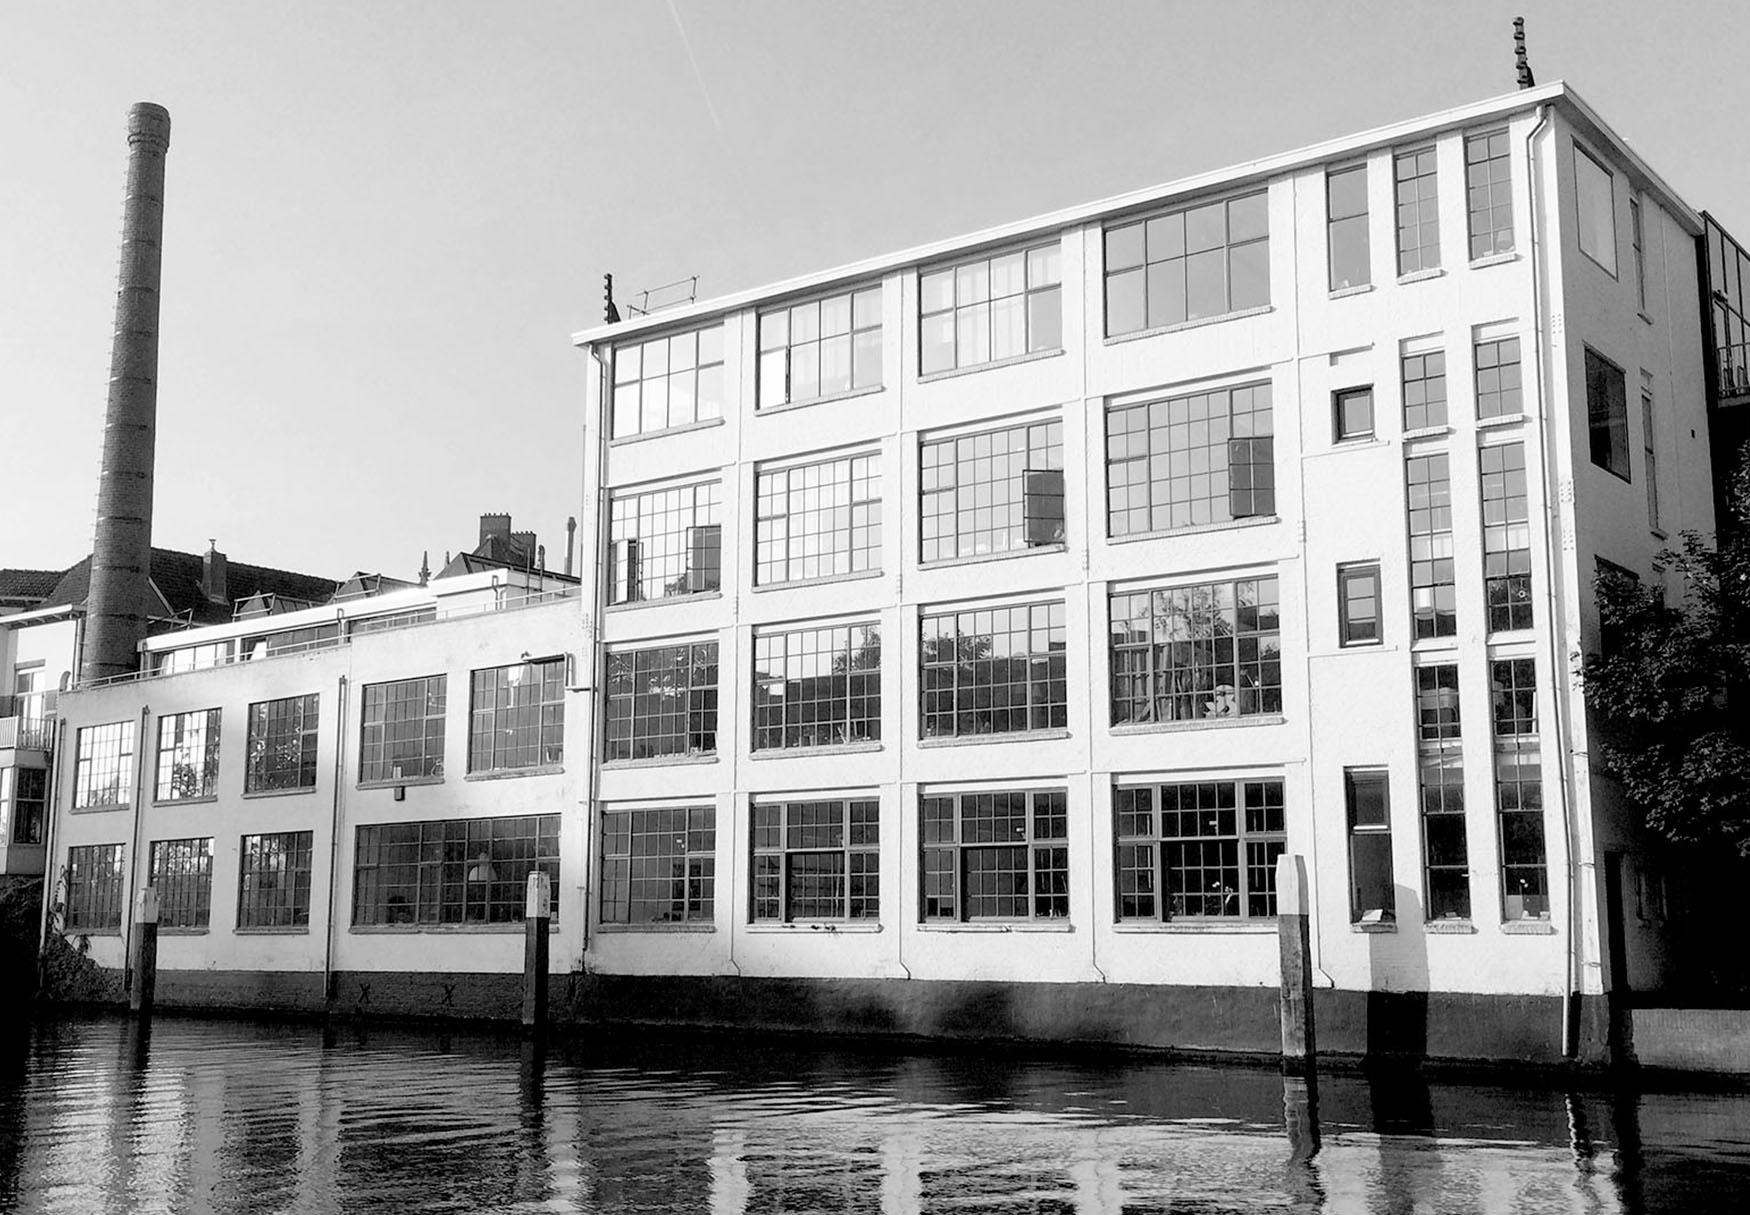 BLOOEY_Remko Verhaagen_Fabriek van Delfshaven.jpg